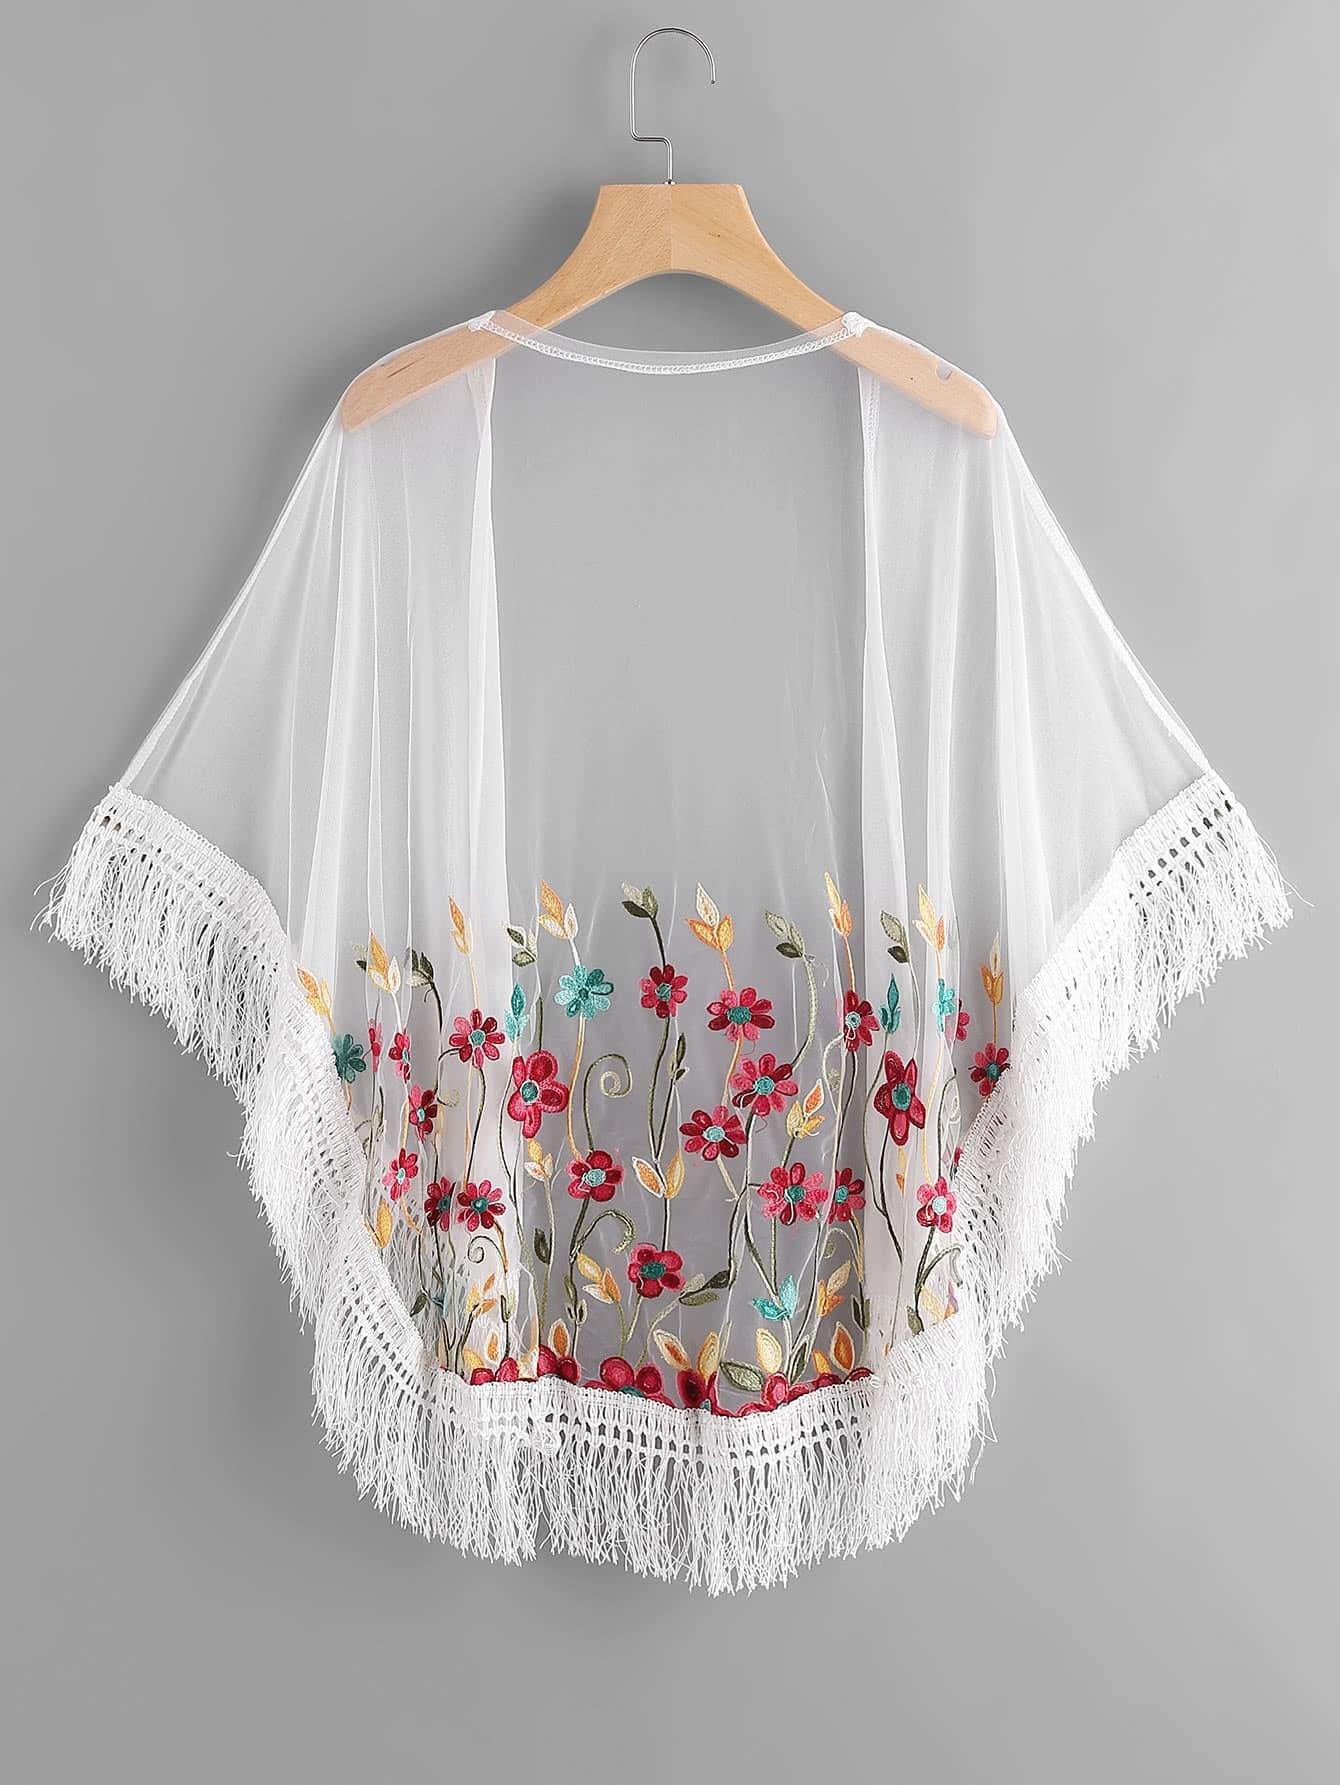 Floral embroidered tassel hem sheer mesh kimonofor women romwe